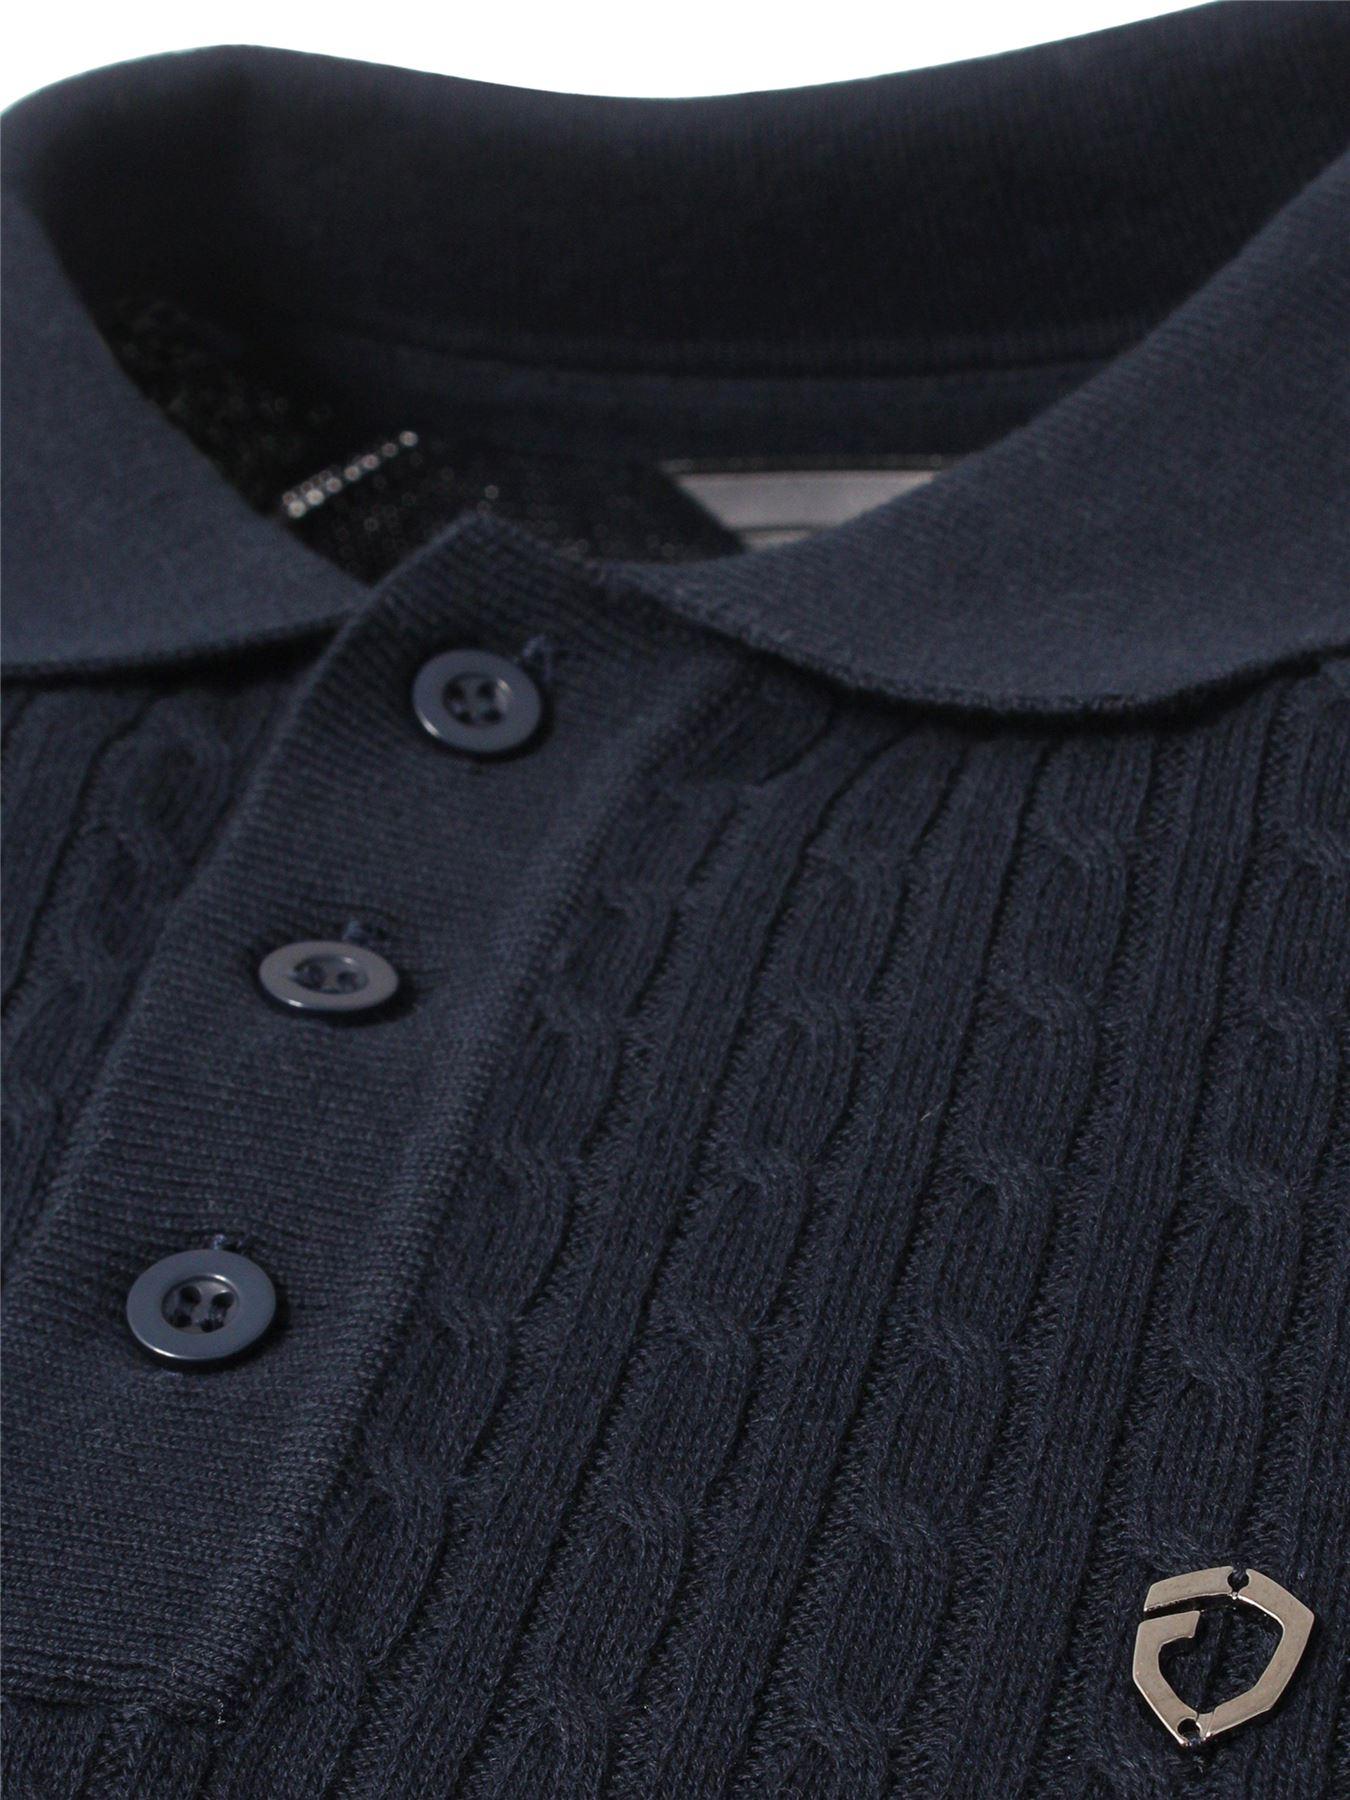 Eto-Para-Hombre-Disenador-Polo-Knitted-Jumper-cuello-redondo-generos-de-punto-manga-larga-Sueter miniatura 18